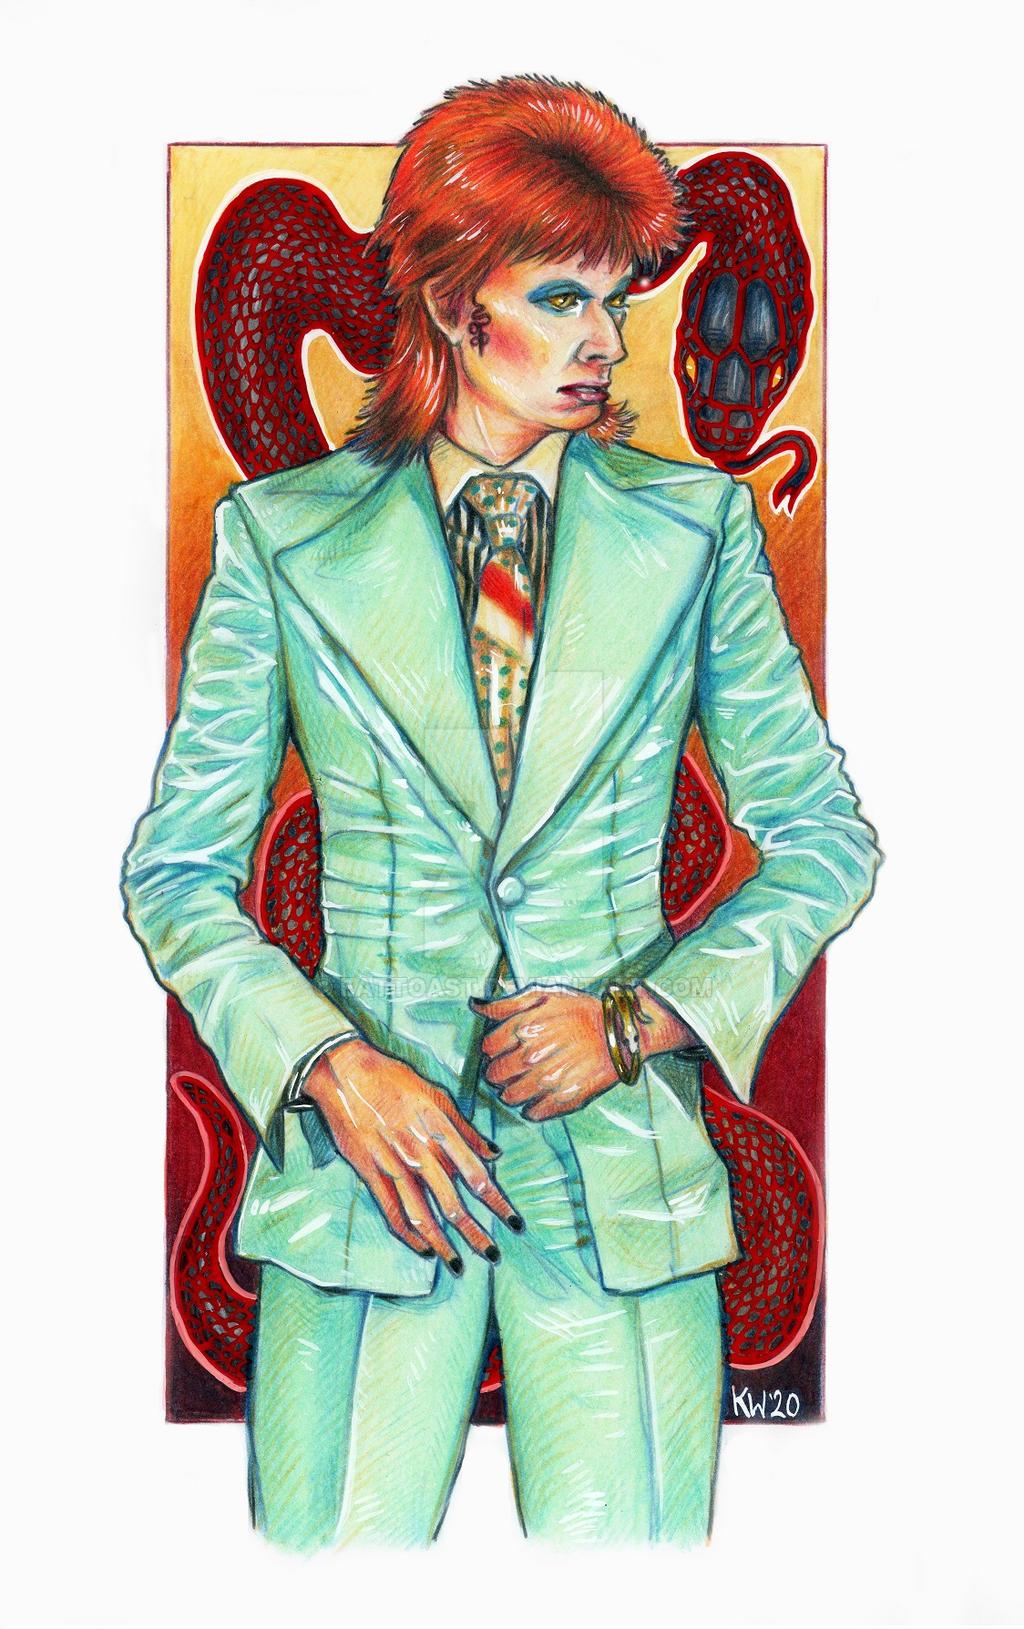 Bowie Crowley